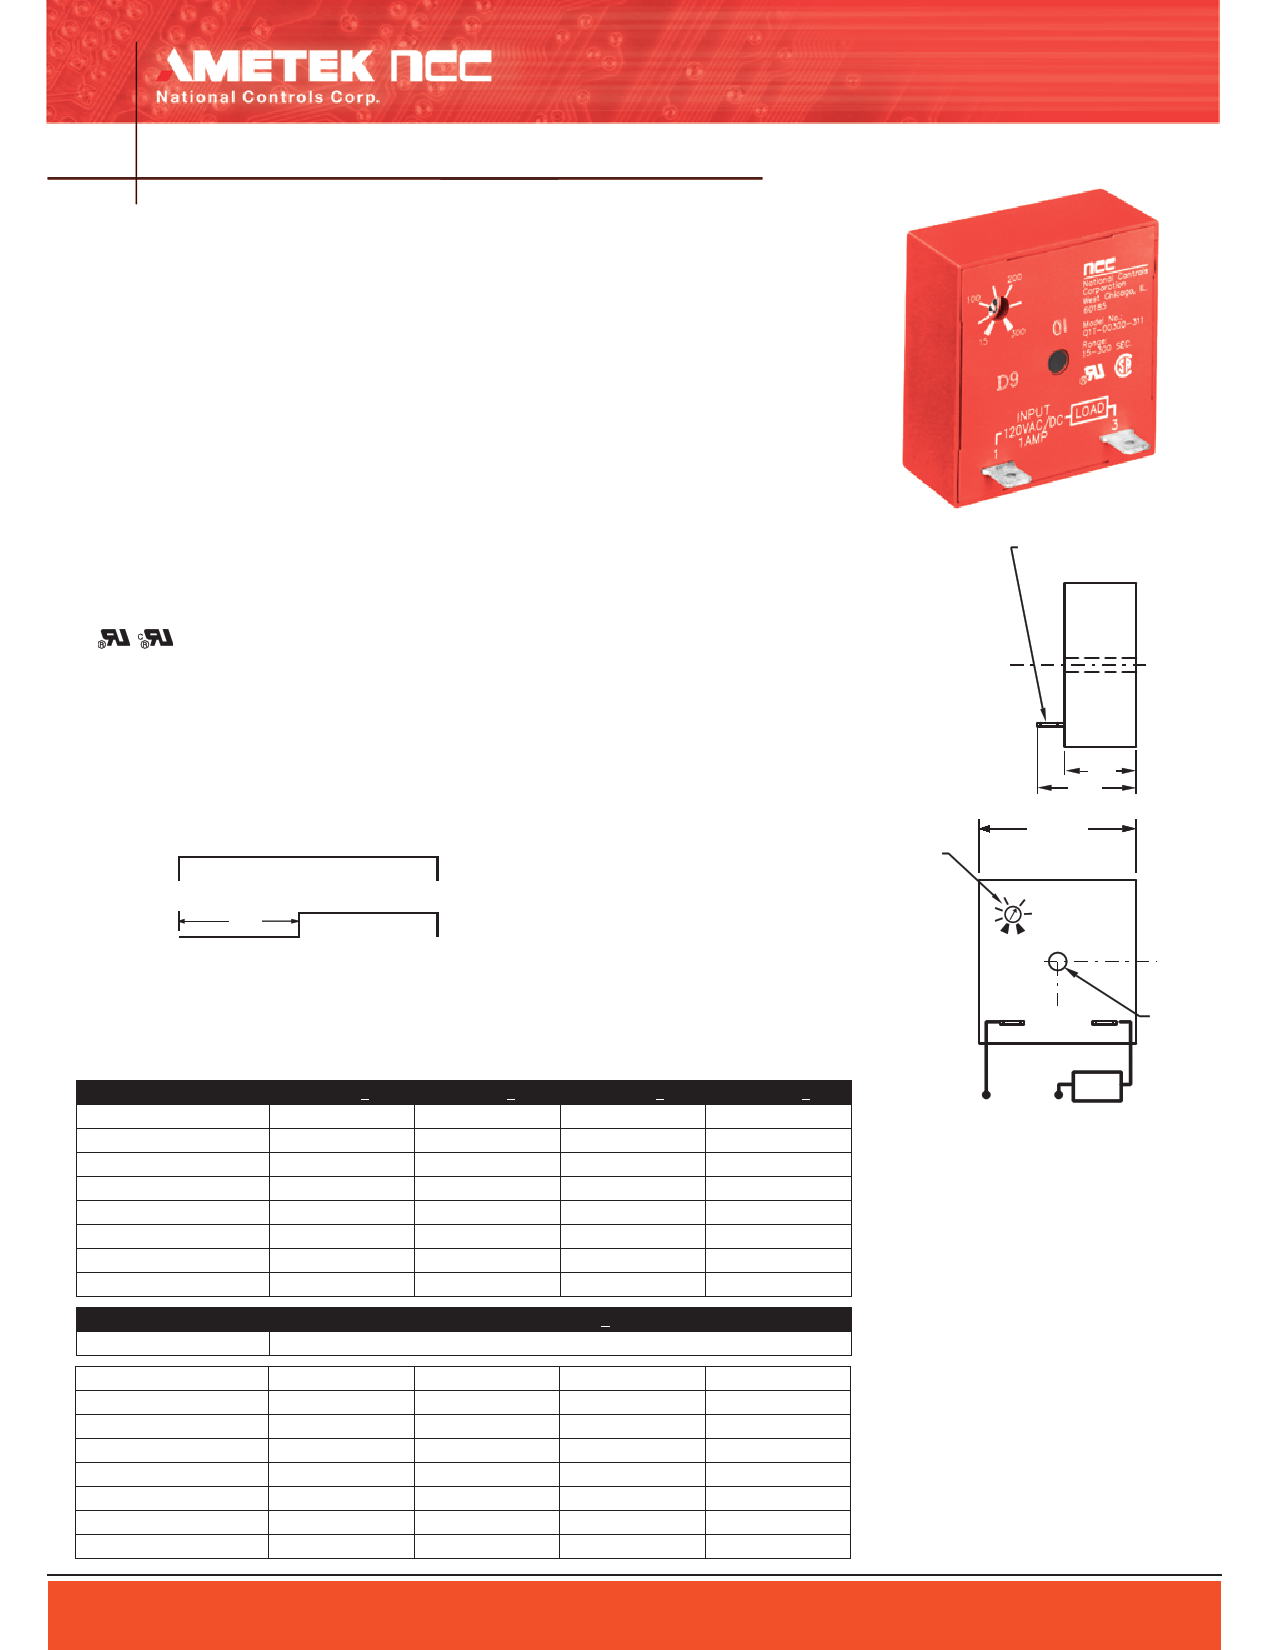 Q1T-00001-316 datasheet